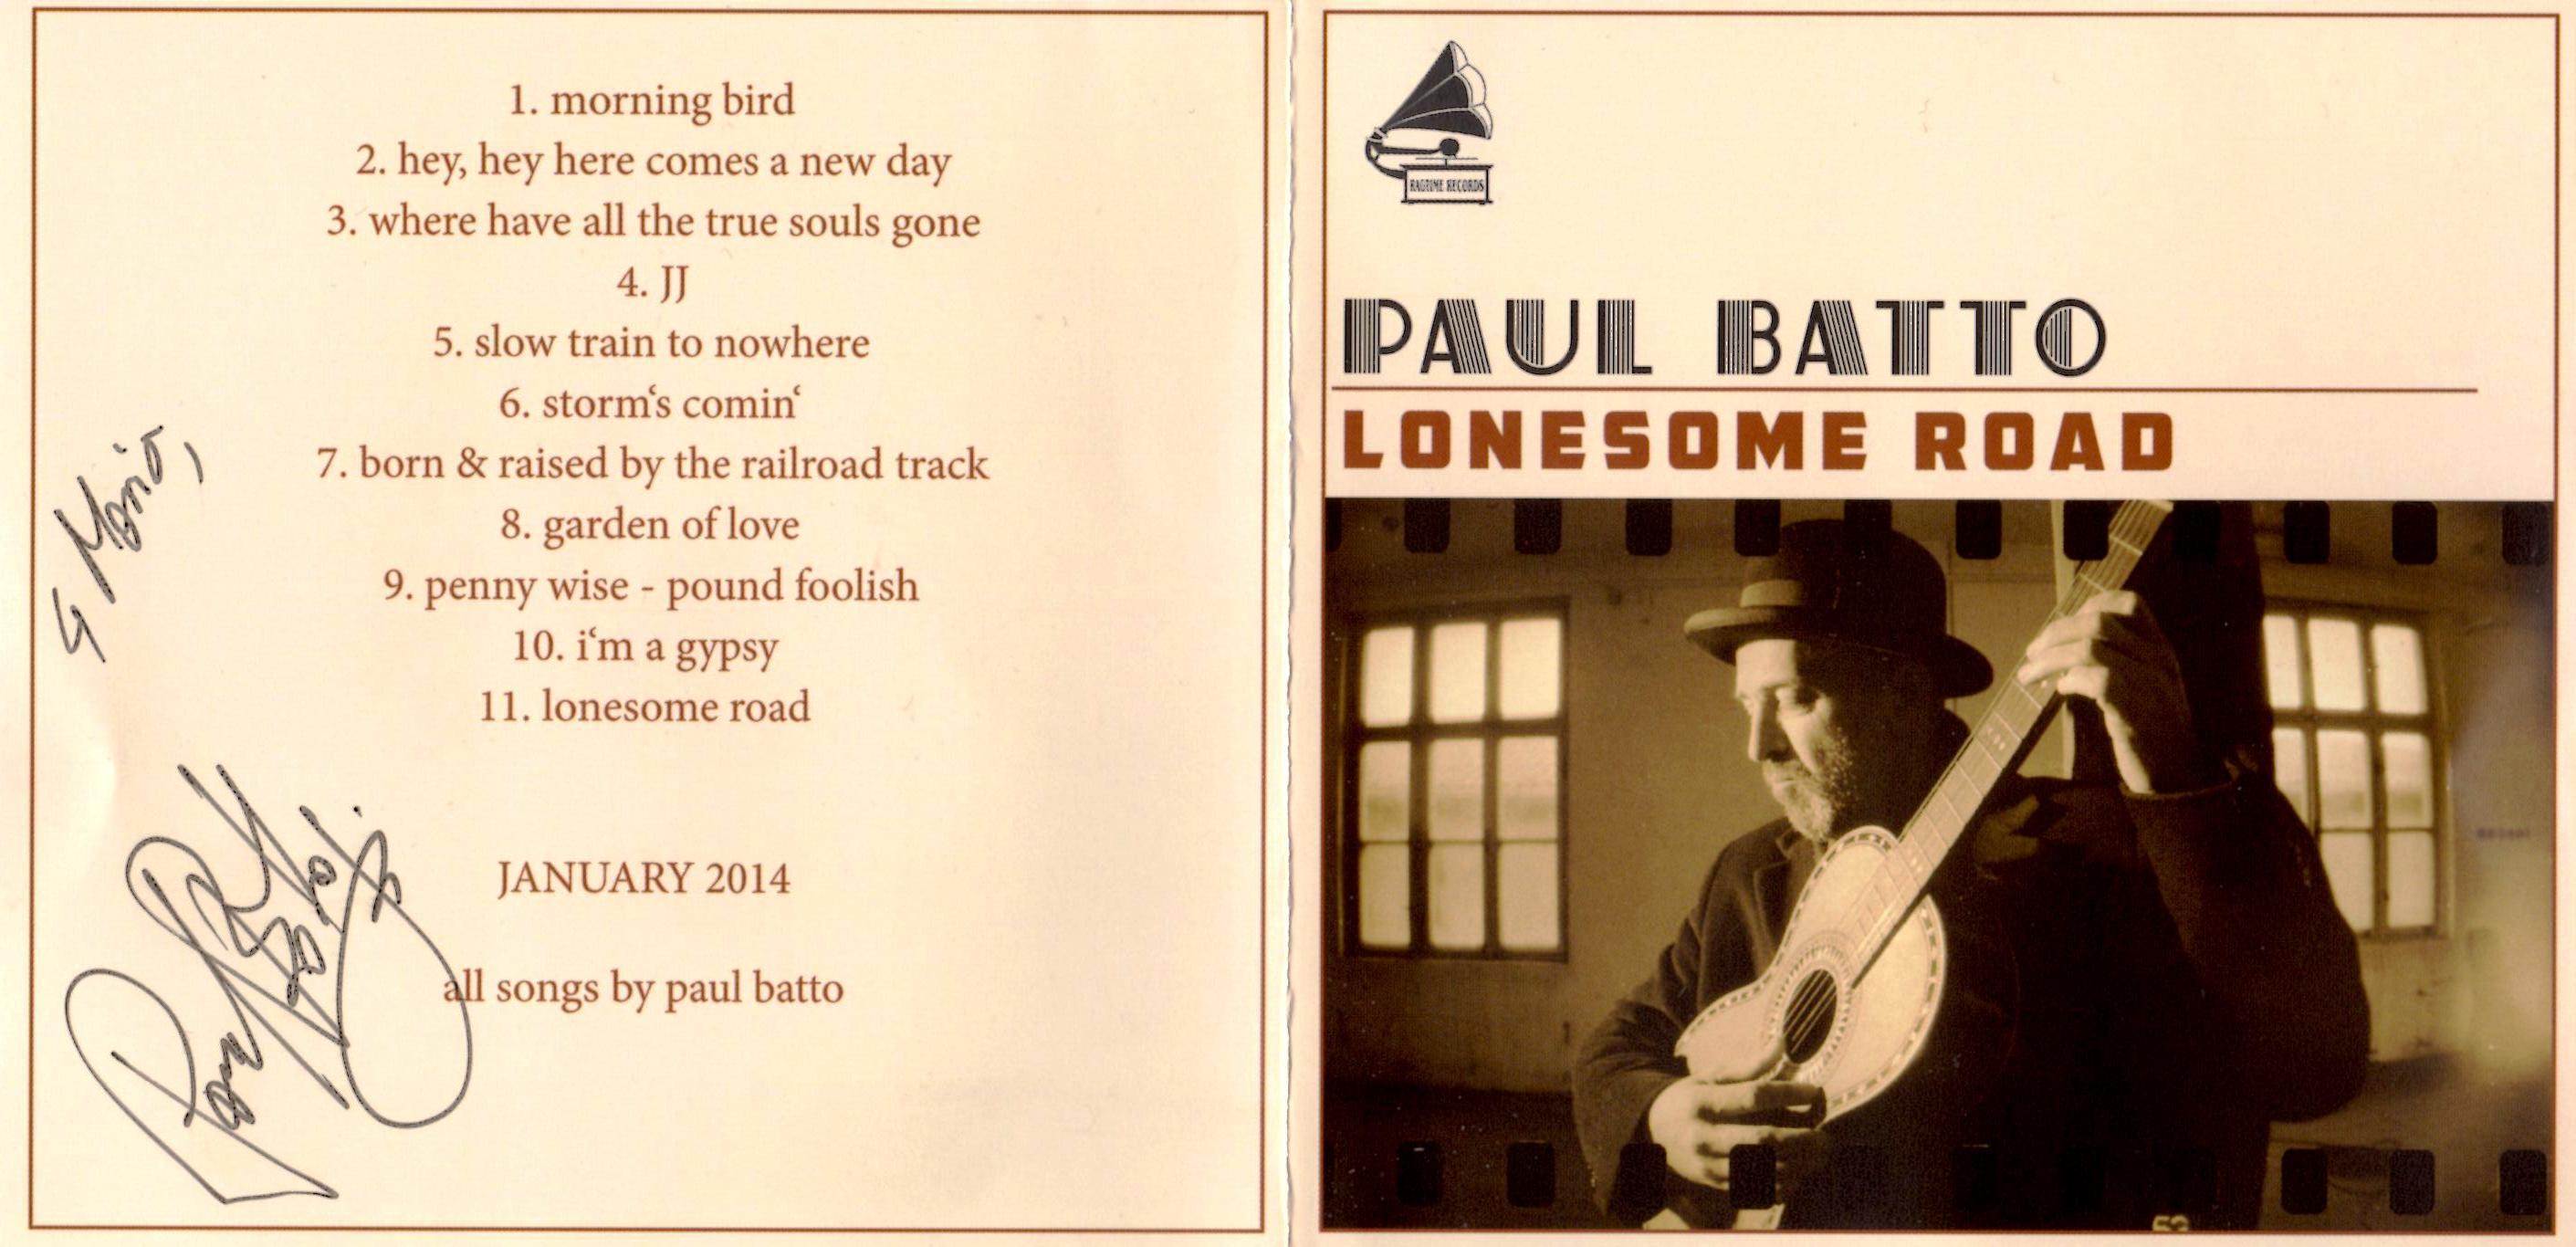 Paul Batto: Lonesome Road